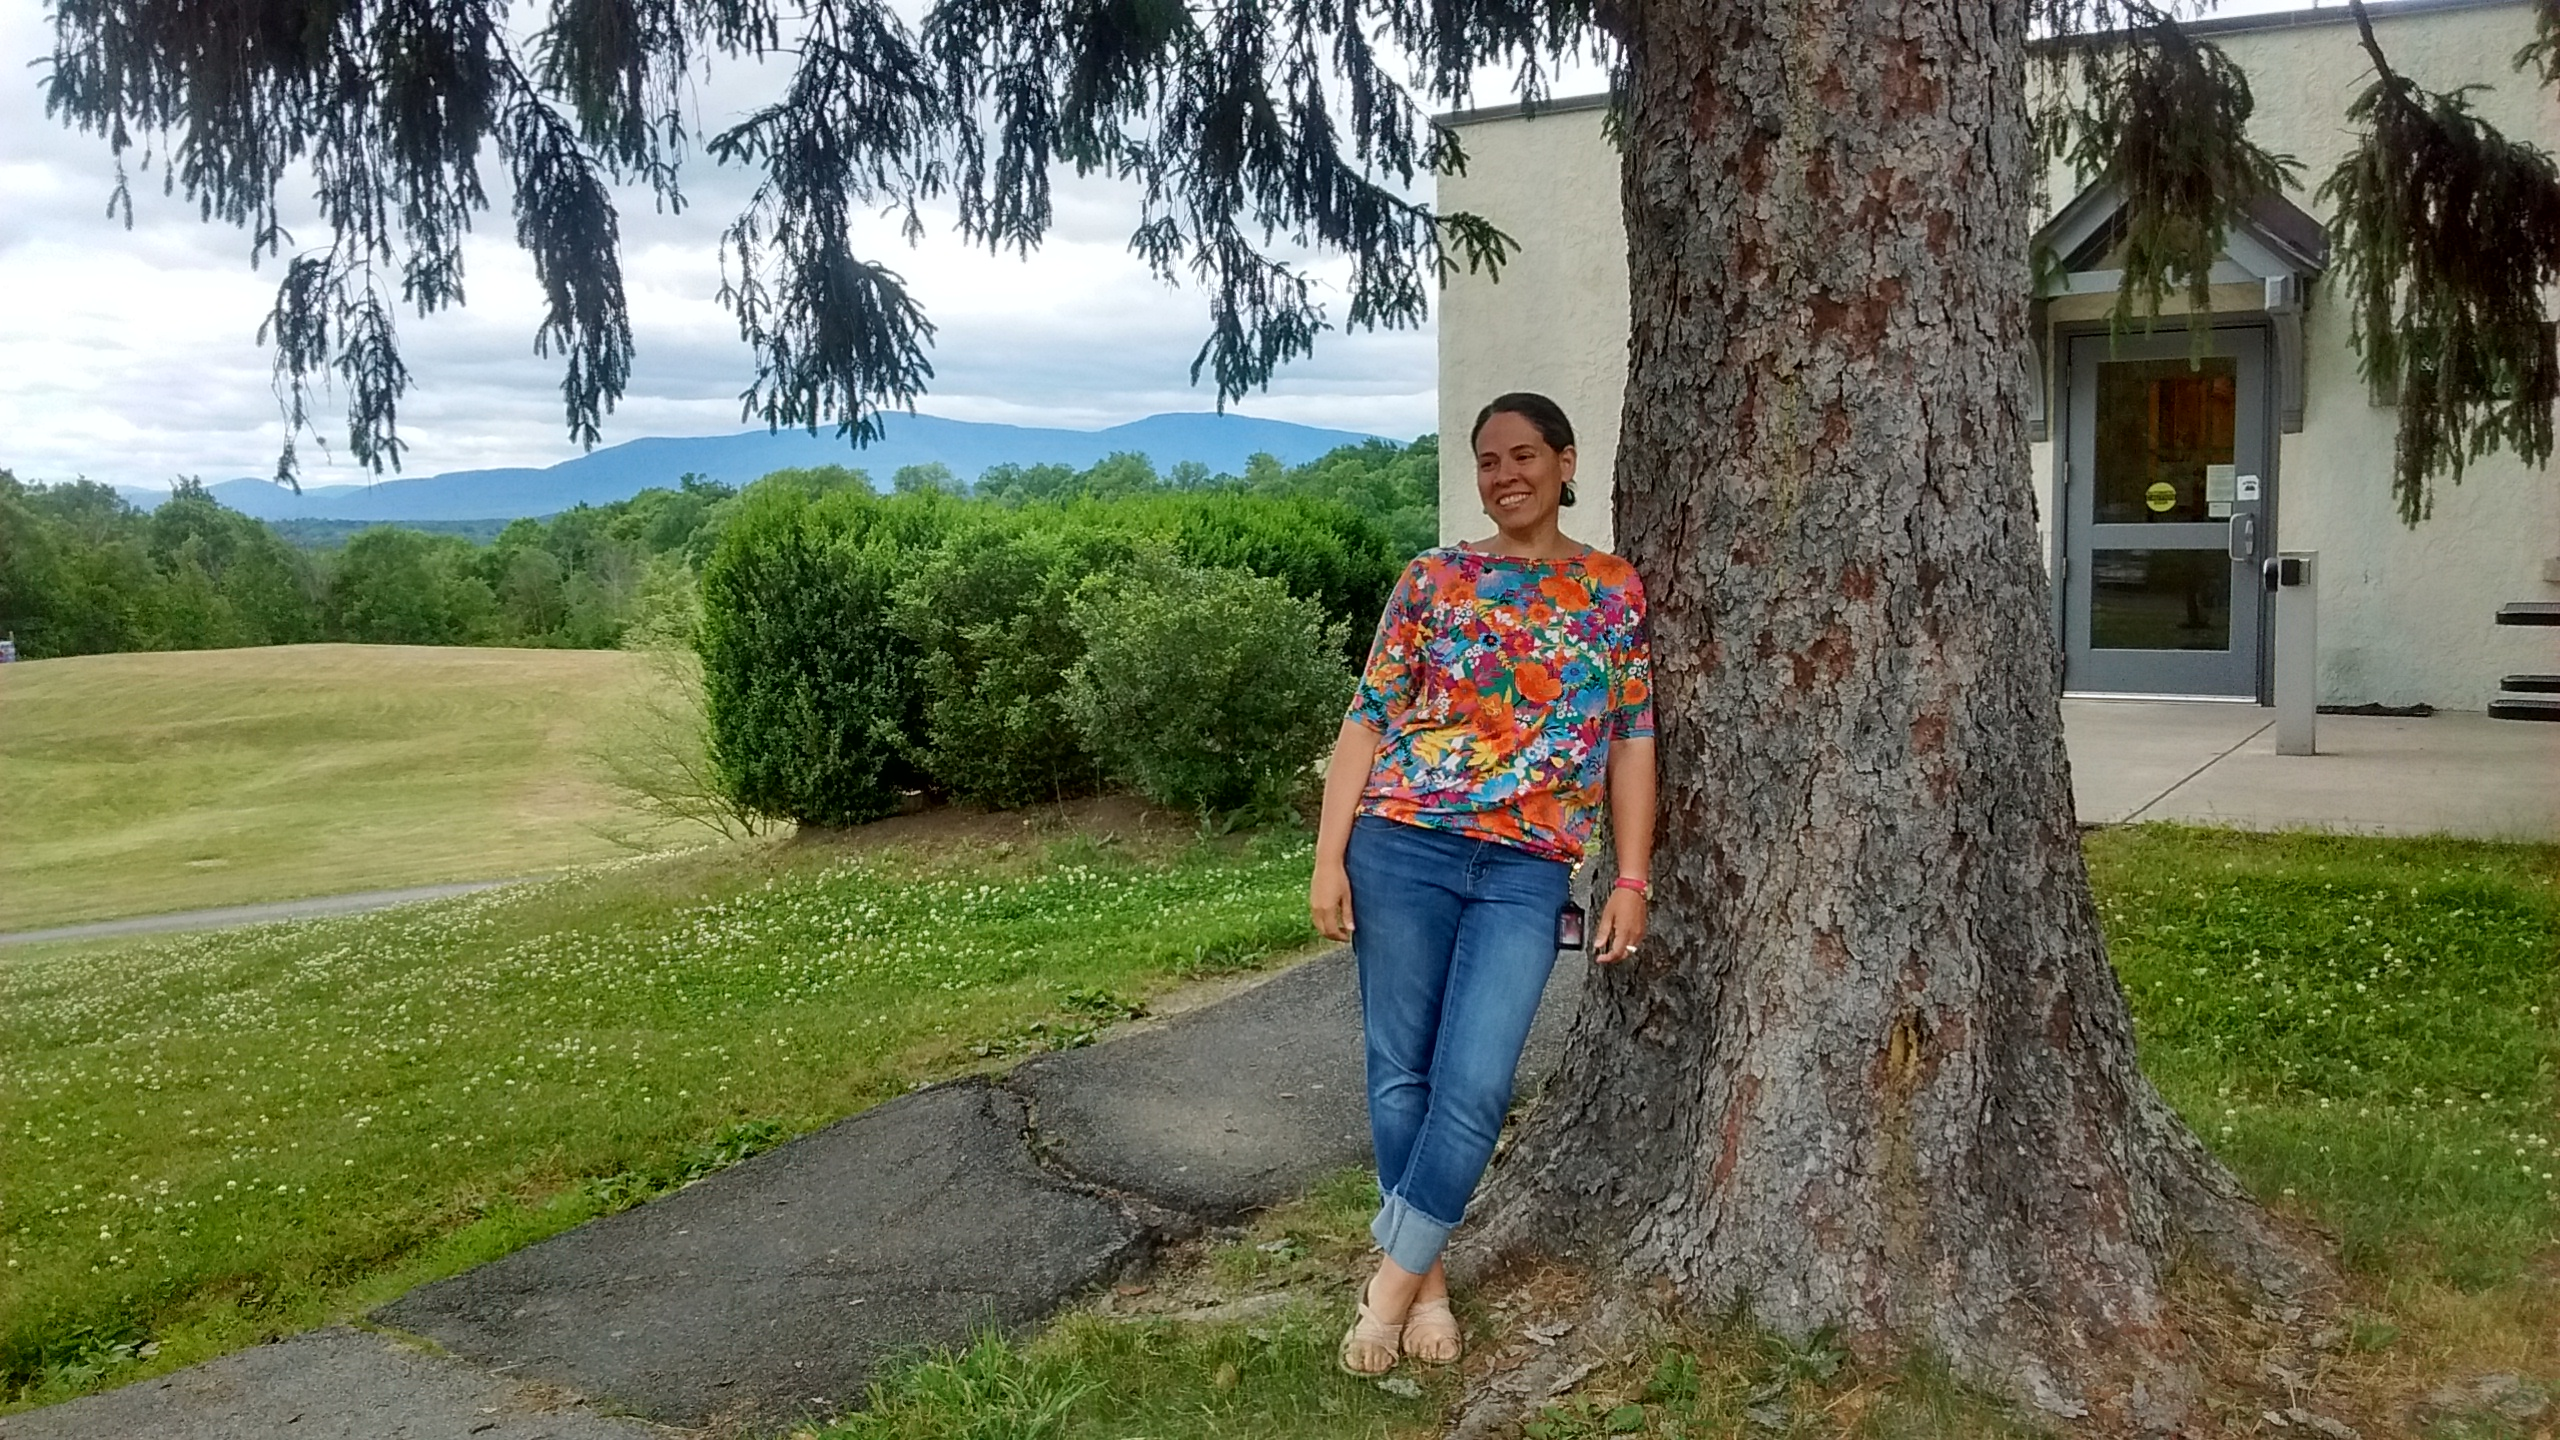 Annia Reyes, de Cuba, y por la buena salud, para el Valle del Hudson